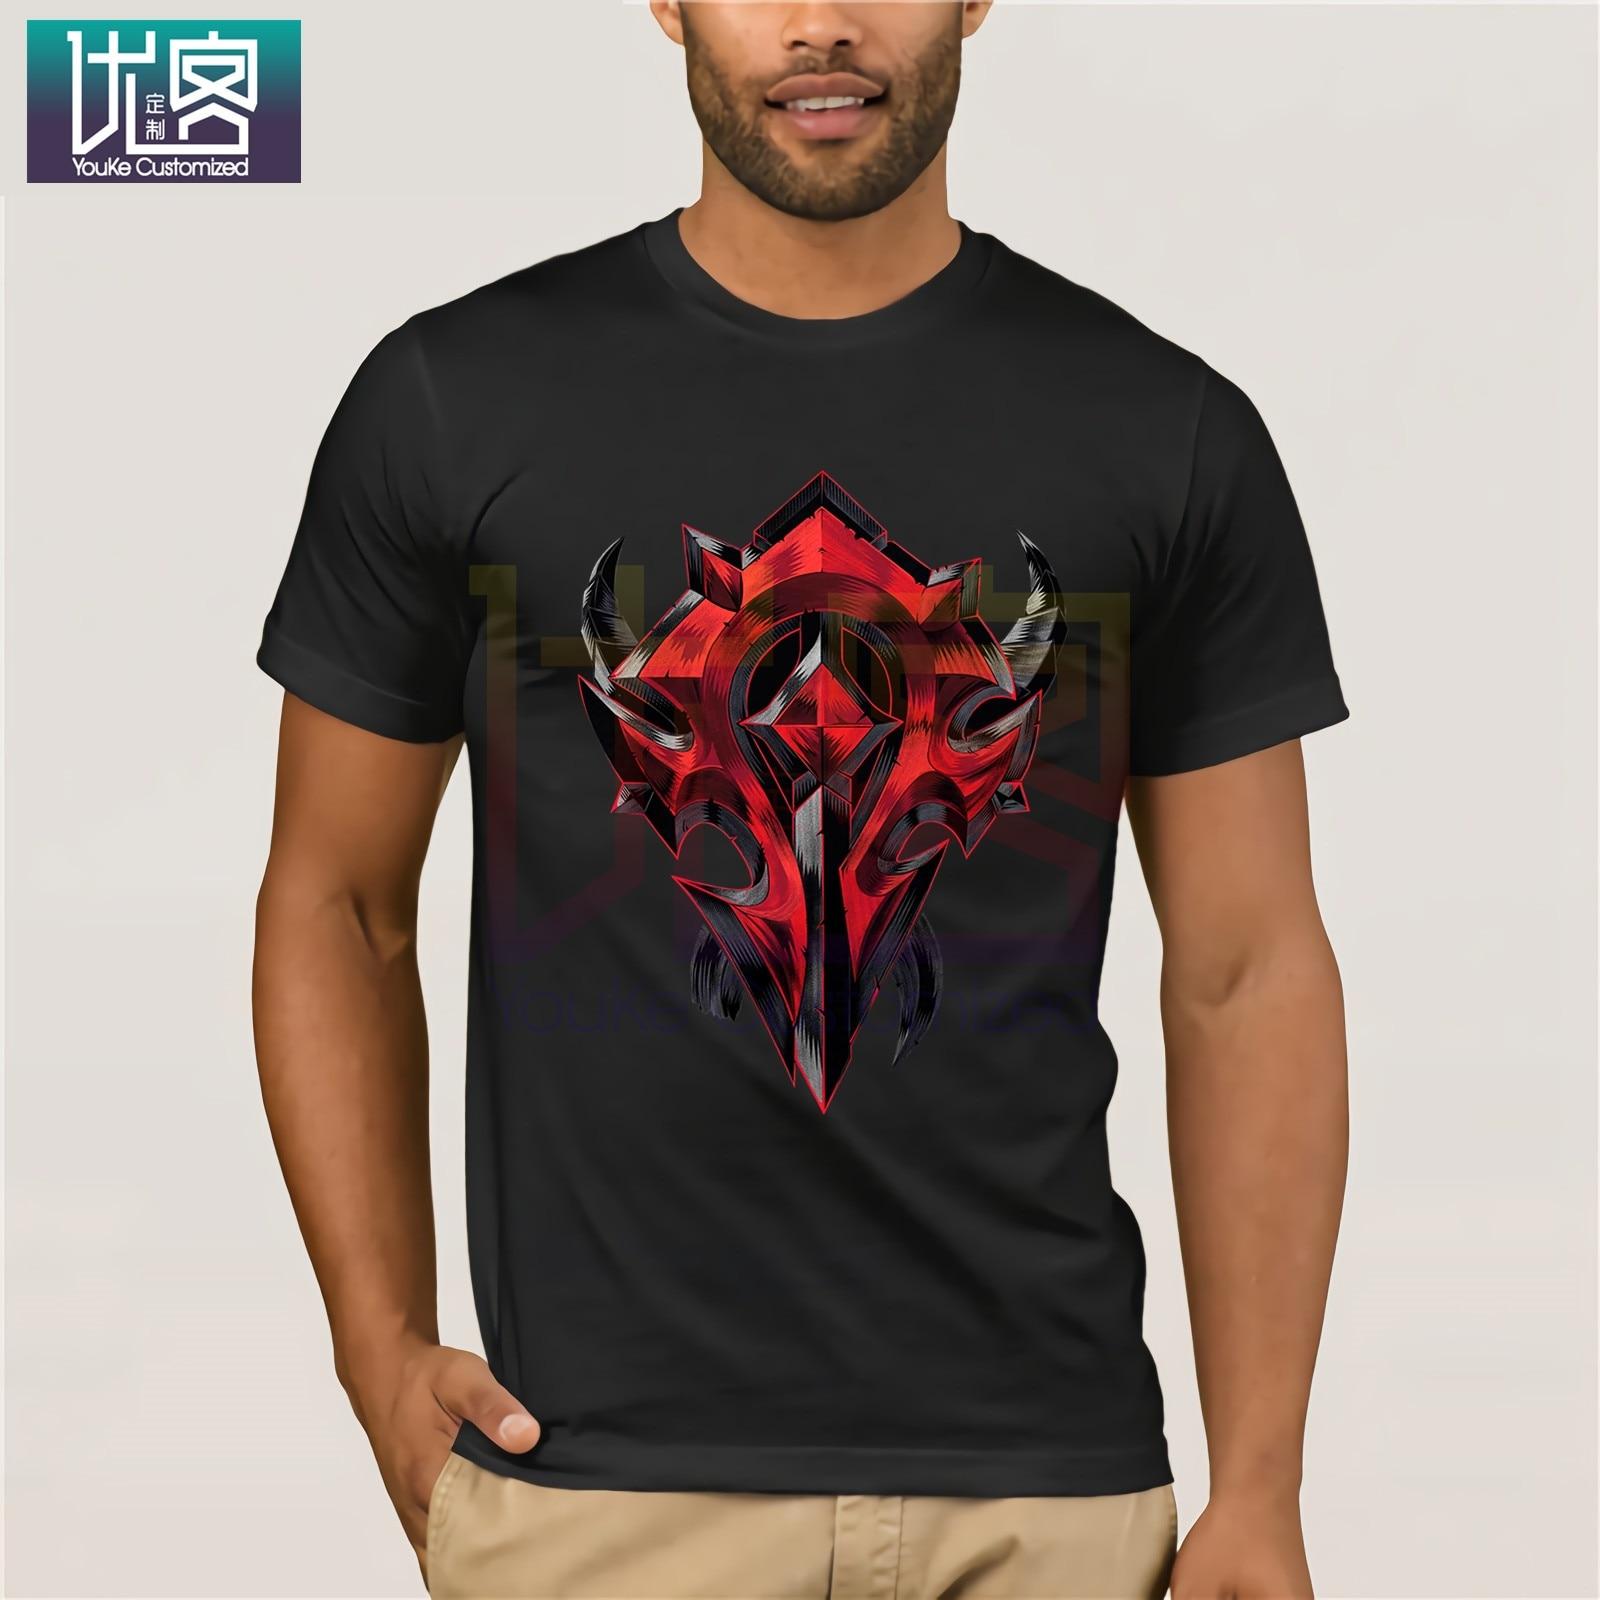 Camiseta con jugador de World of Warcraft con escudo de Horde, camiseta Popular de cuello redondo, camisetas de algodón 100%, Camiseta de algodón presente